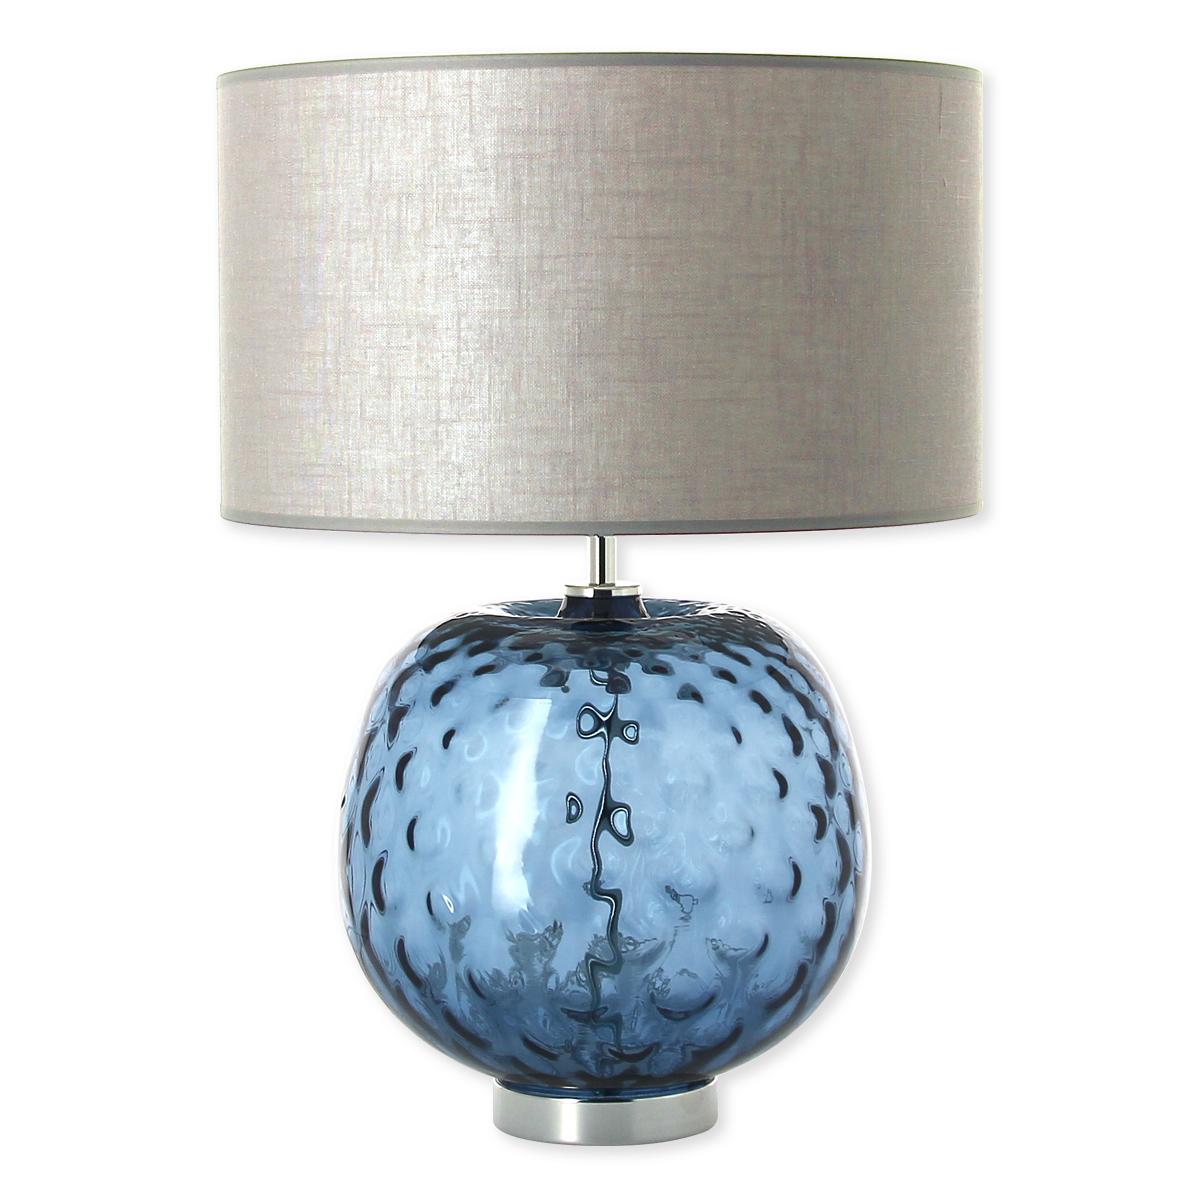 abat jour bleu Lampe en verre bleu marine avec abat-jour 49cm